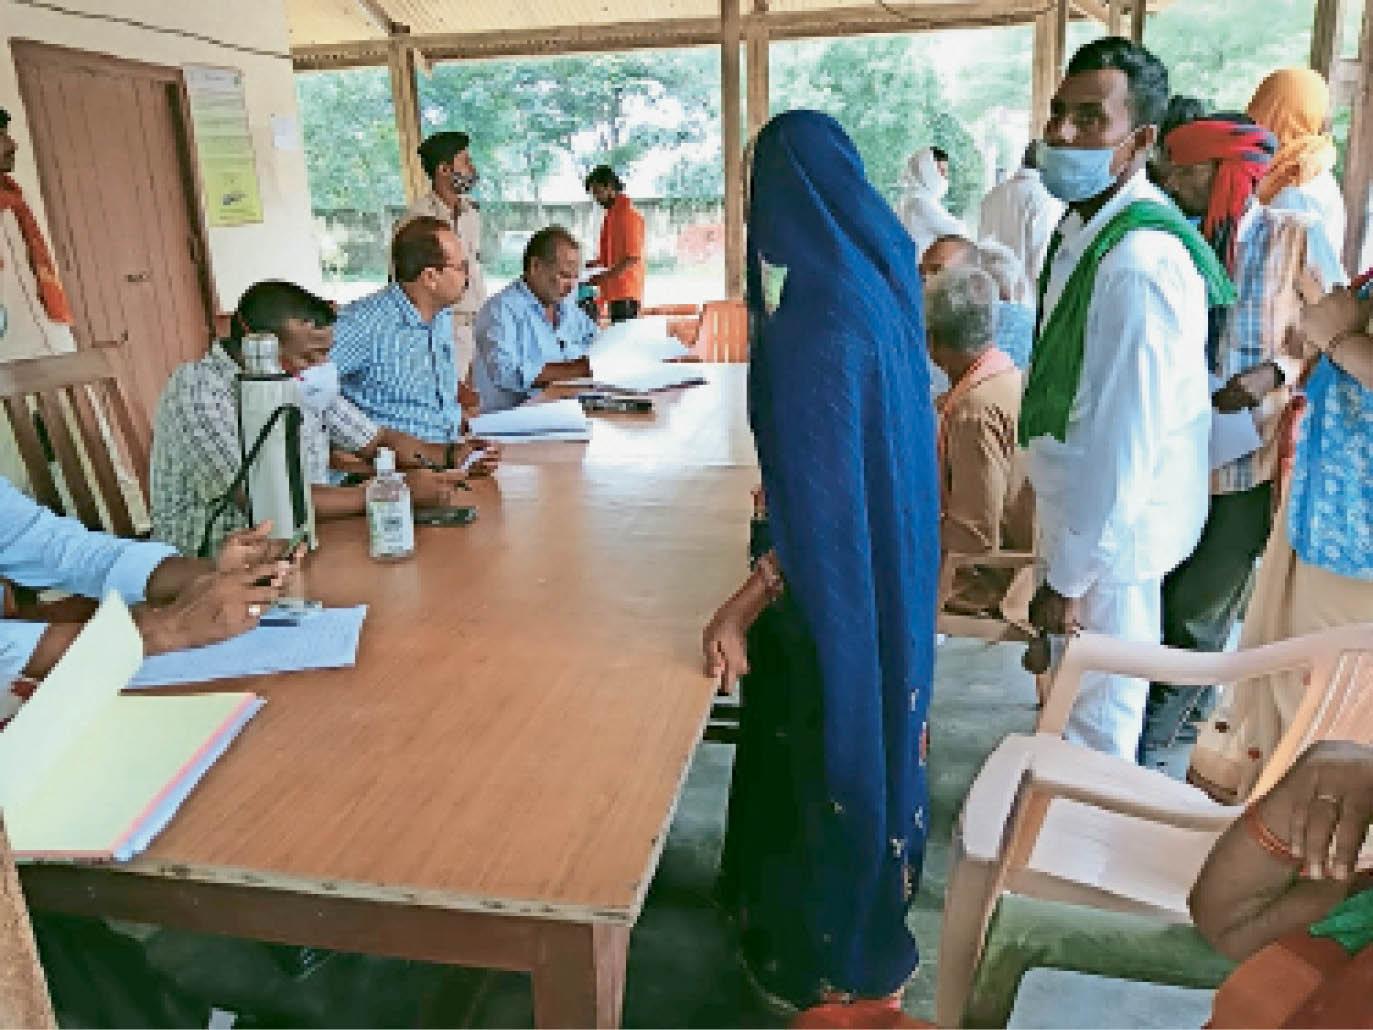 राजपुर थाना में आयोजित जनता दरबार में विवादों का निपटारा करते अधिकारी। - Dainik Bhaskar